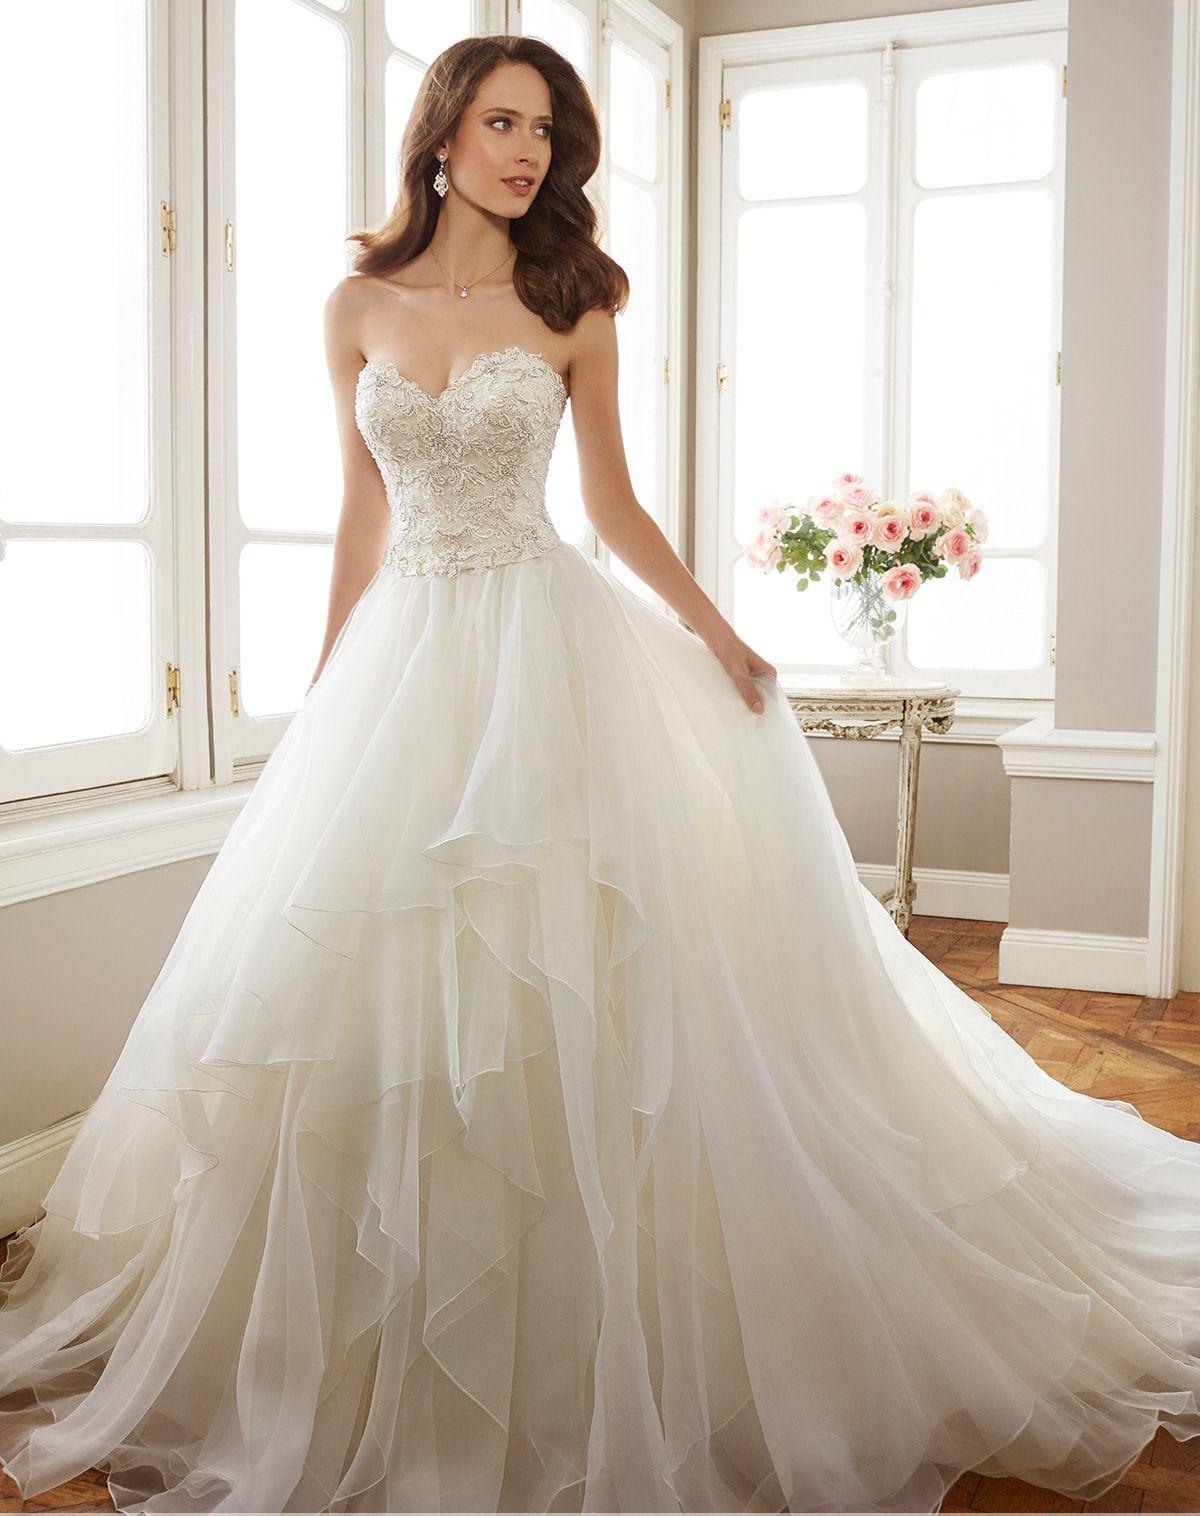 Trägerloses Hochzeitskleid 10  Hochzeitskleid, Kleider hochzeit